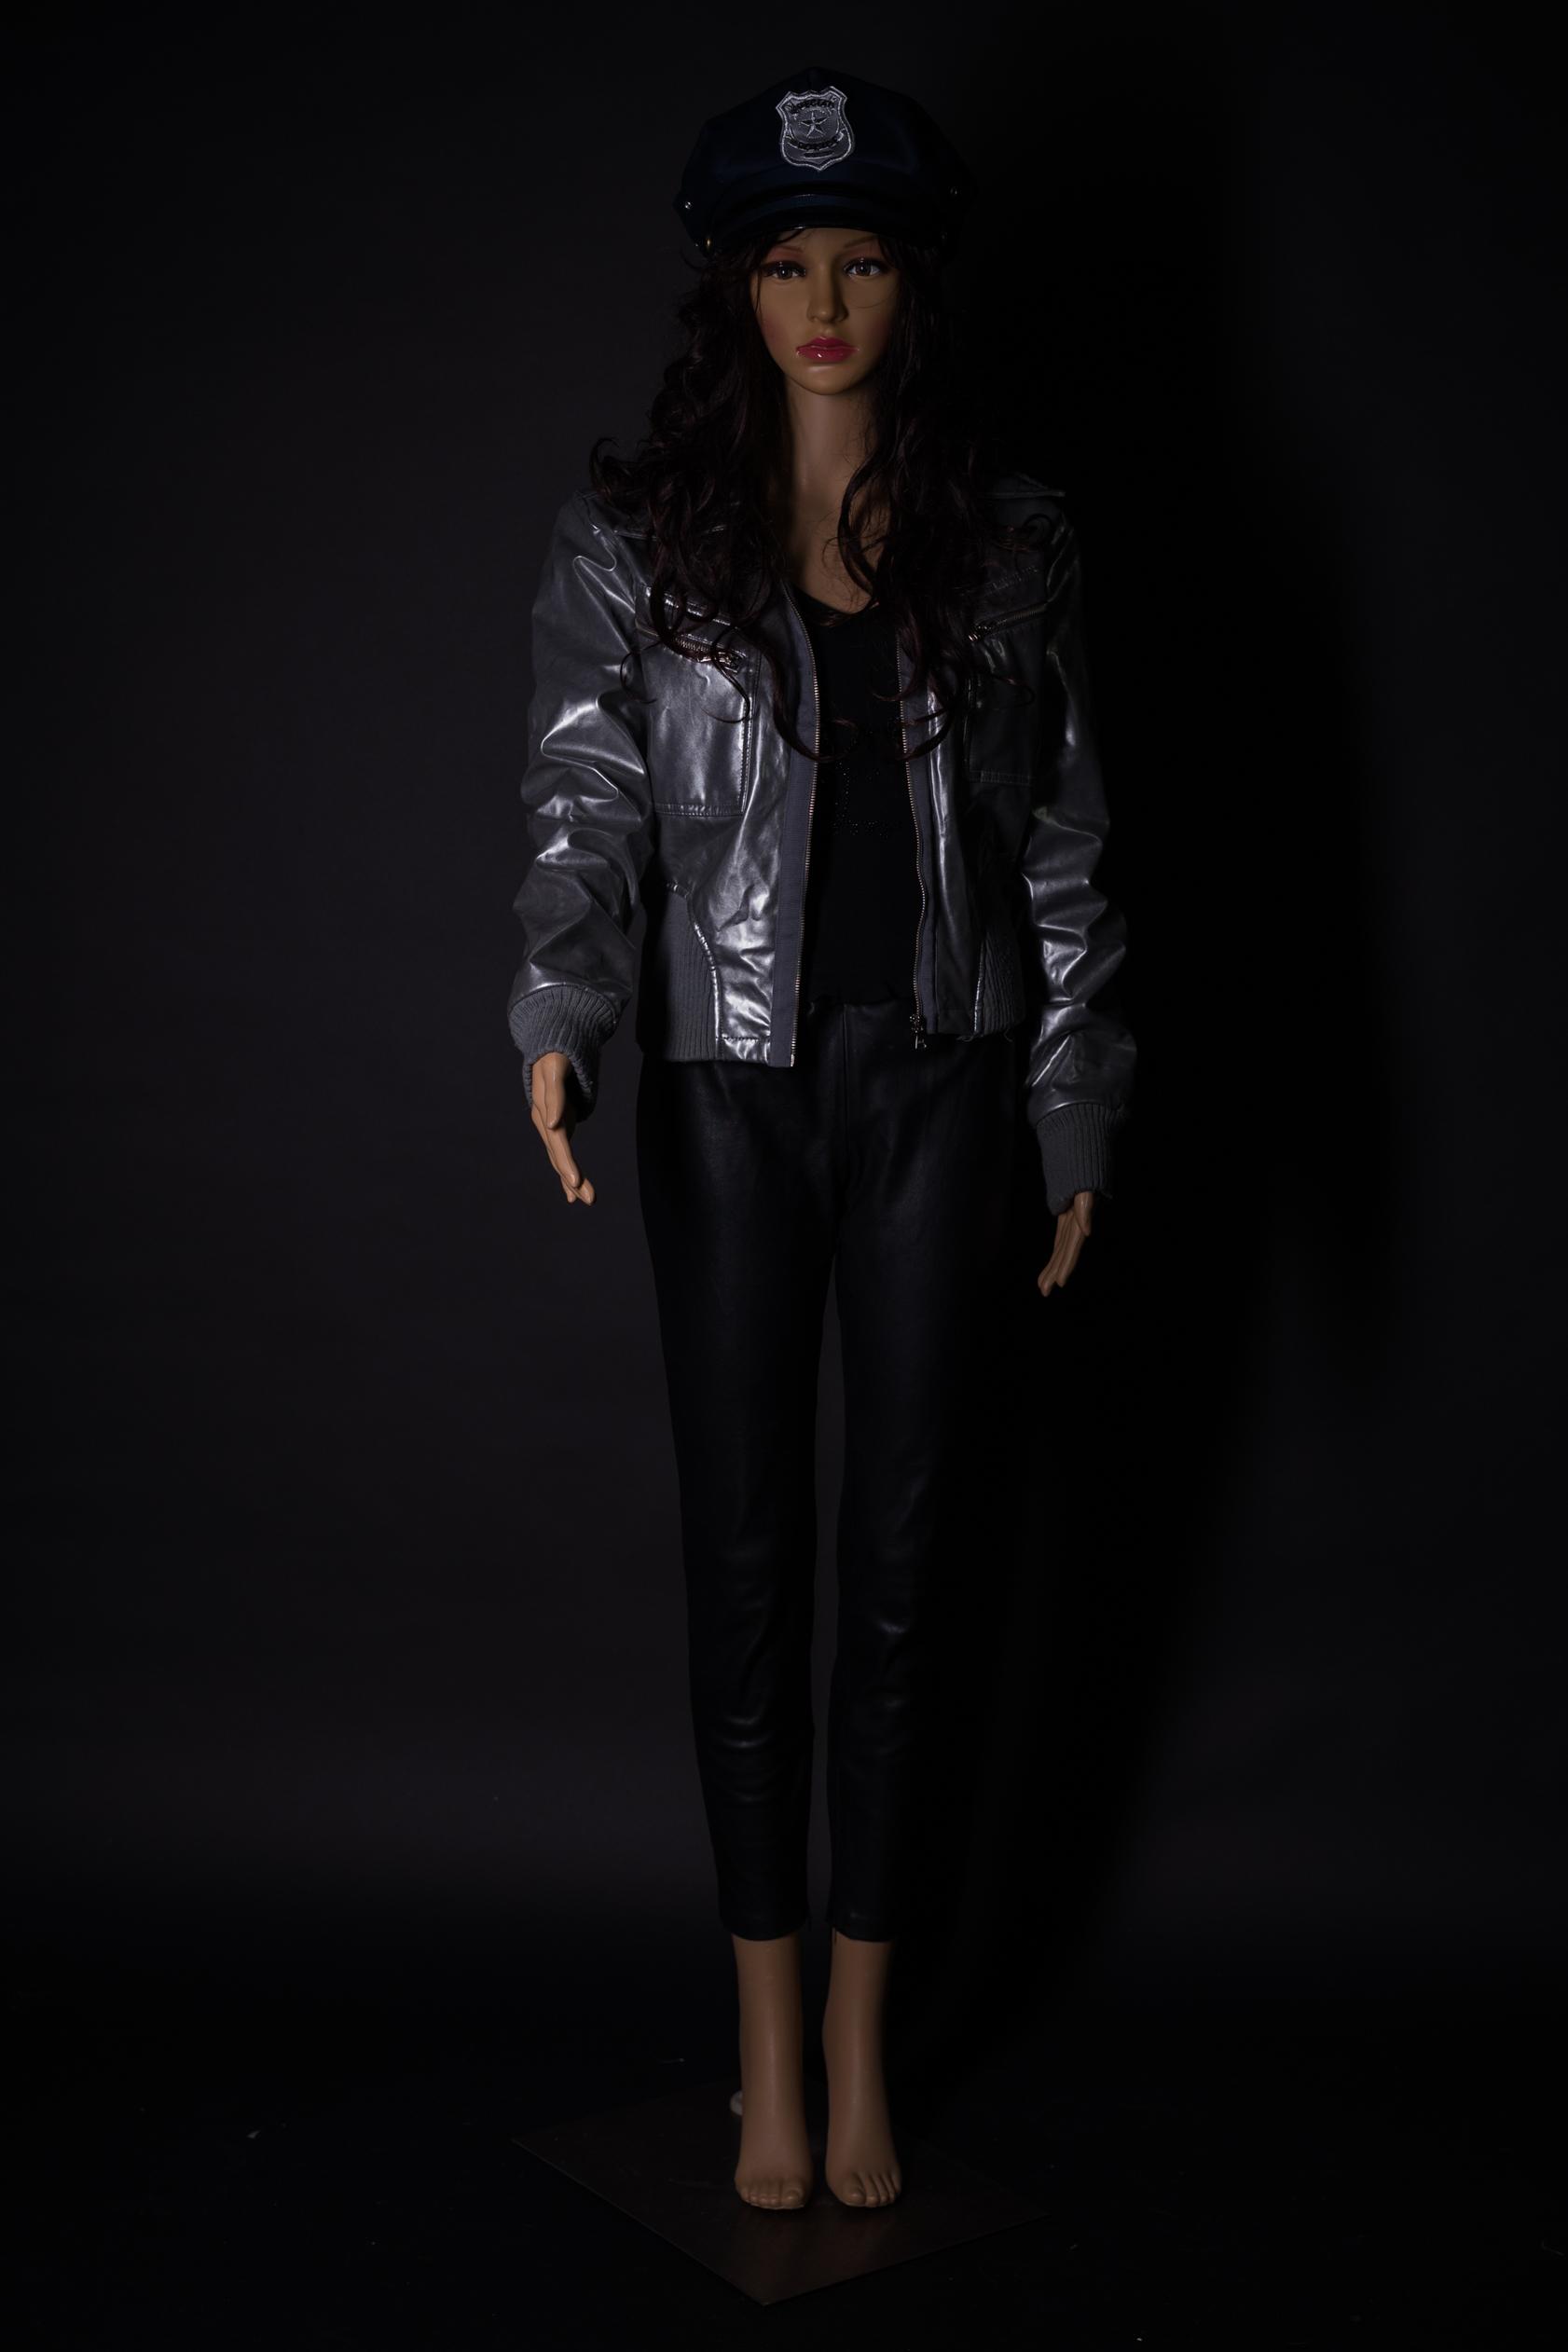 Schwarz Silber Outfit für Disco oder Mottoabend mit Polizeikappe